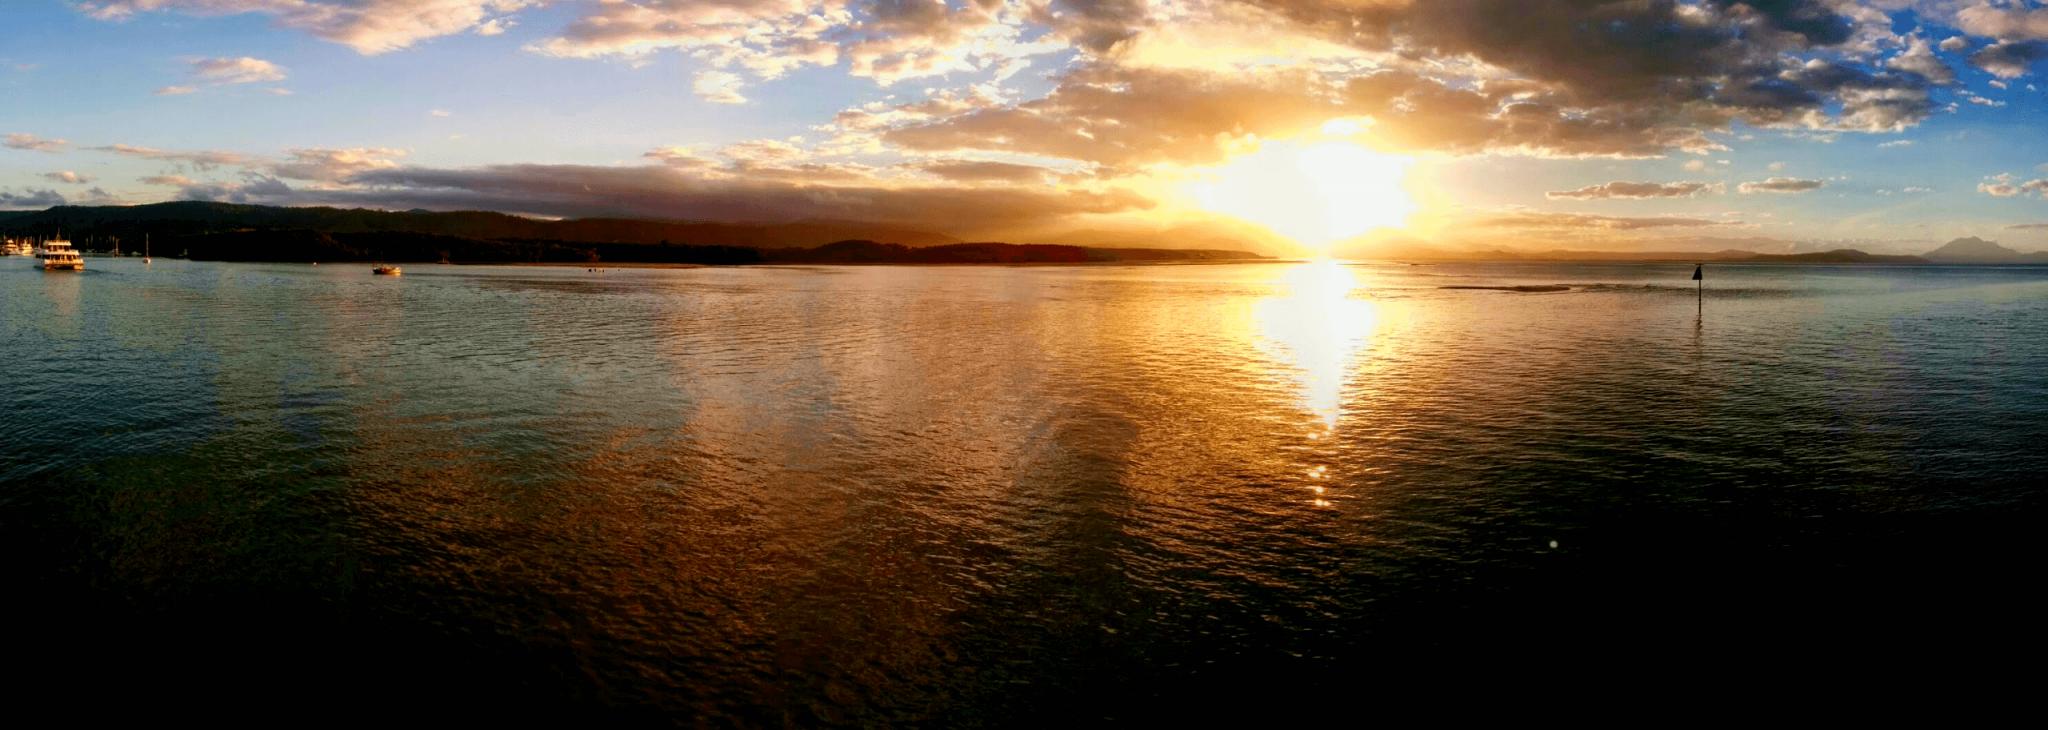 Google Foto: un aggiornamento porta nuove funzioni di editing e filtri